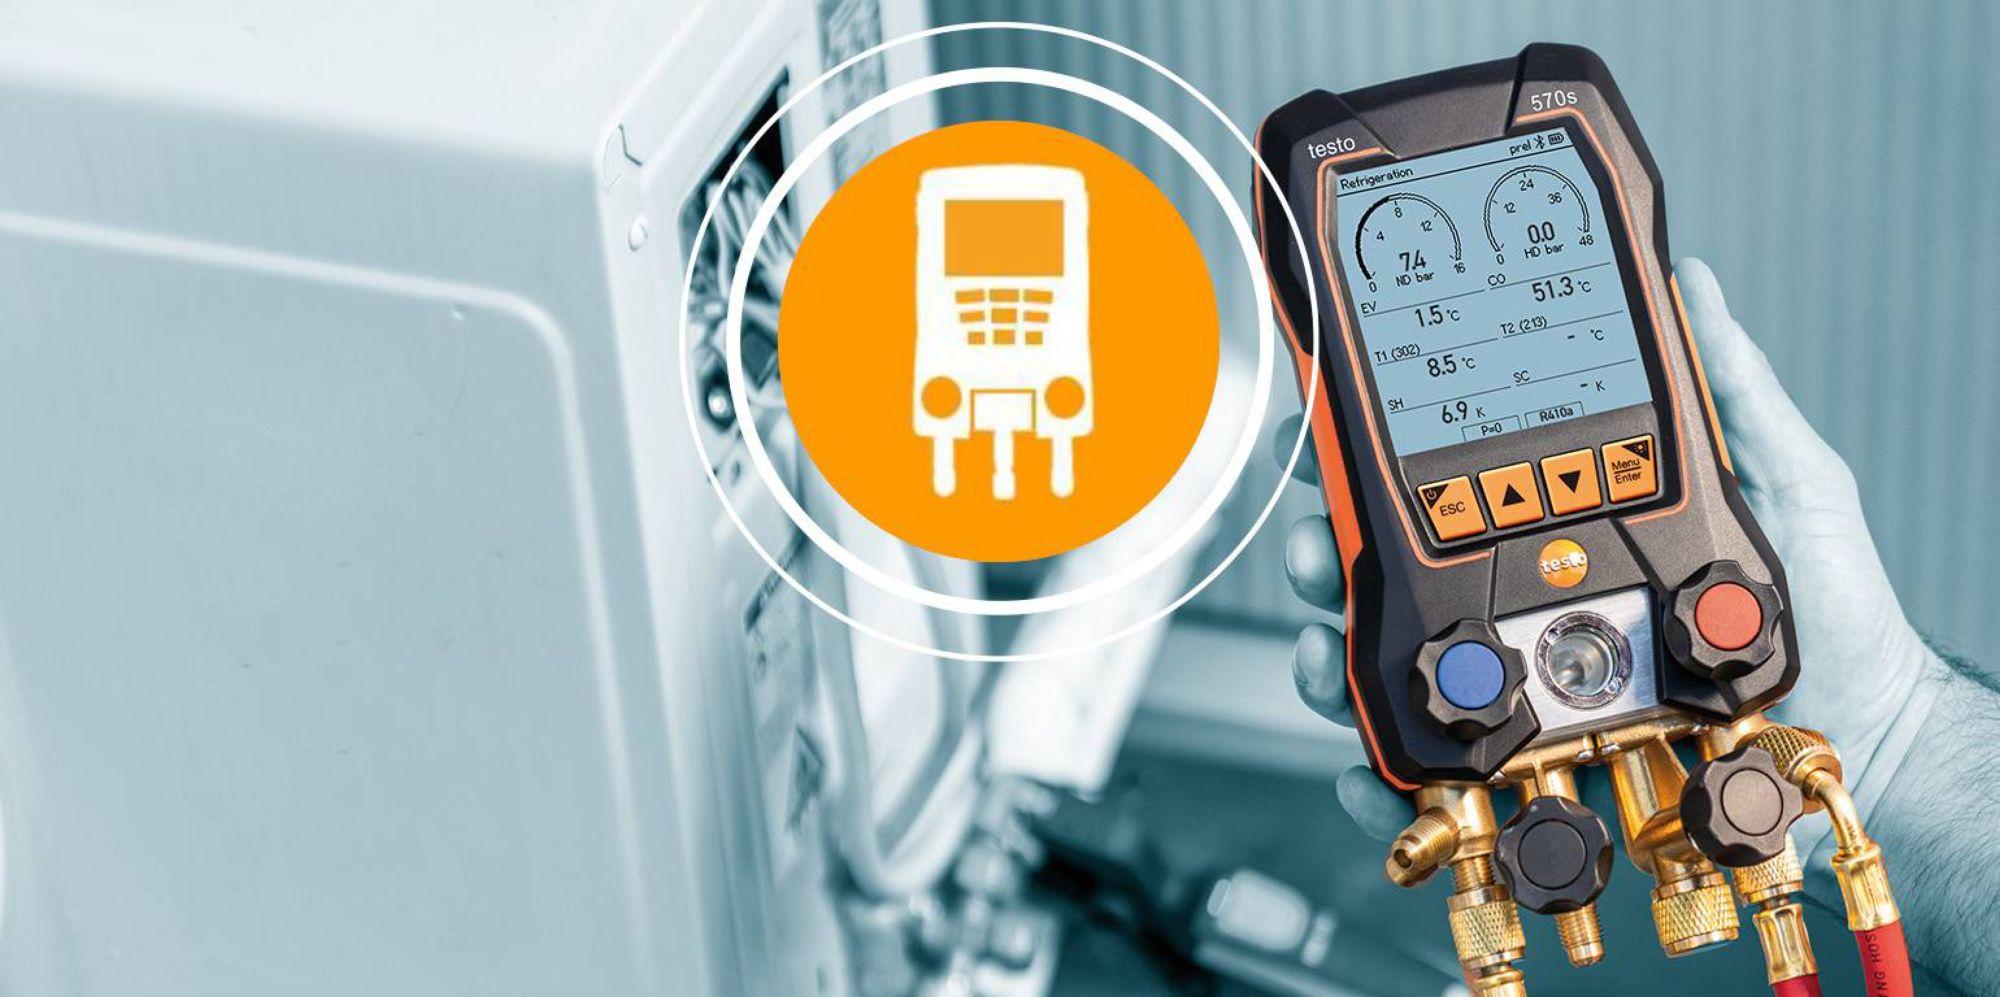 Soğutma sektörüne yönelik ölçüm cihazları ve uygulama bilgileri